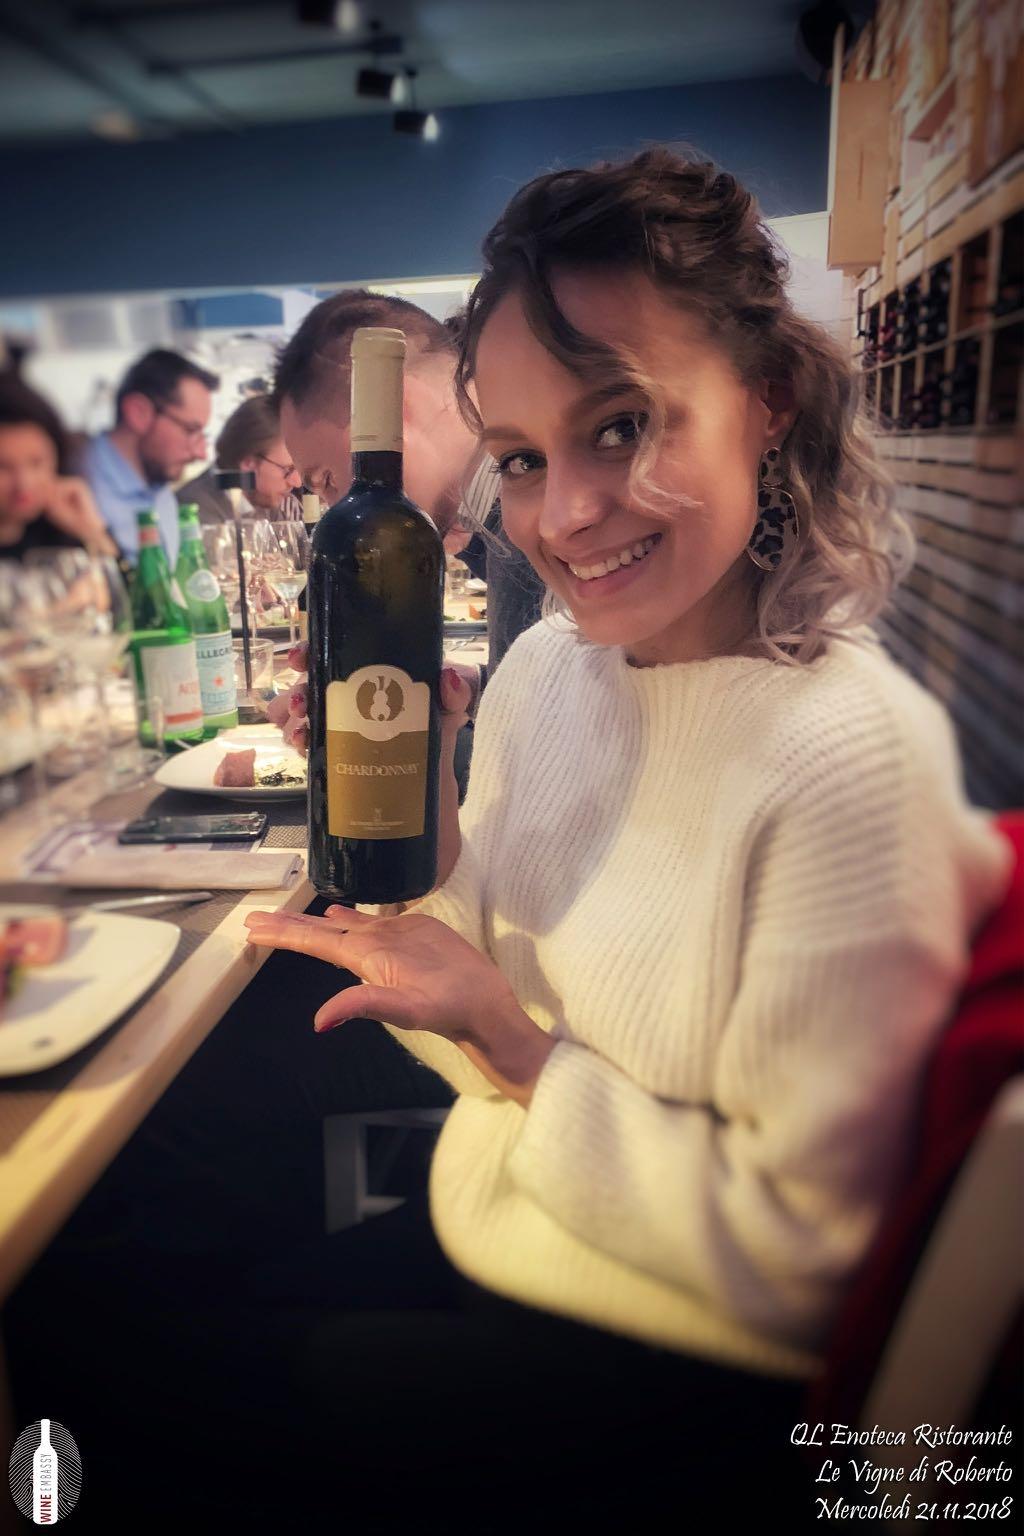 foto Evento Wine Embassy – Qle Vigne di Roberto Novembre 2018 1